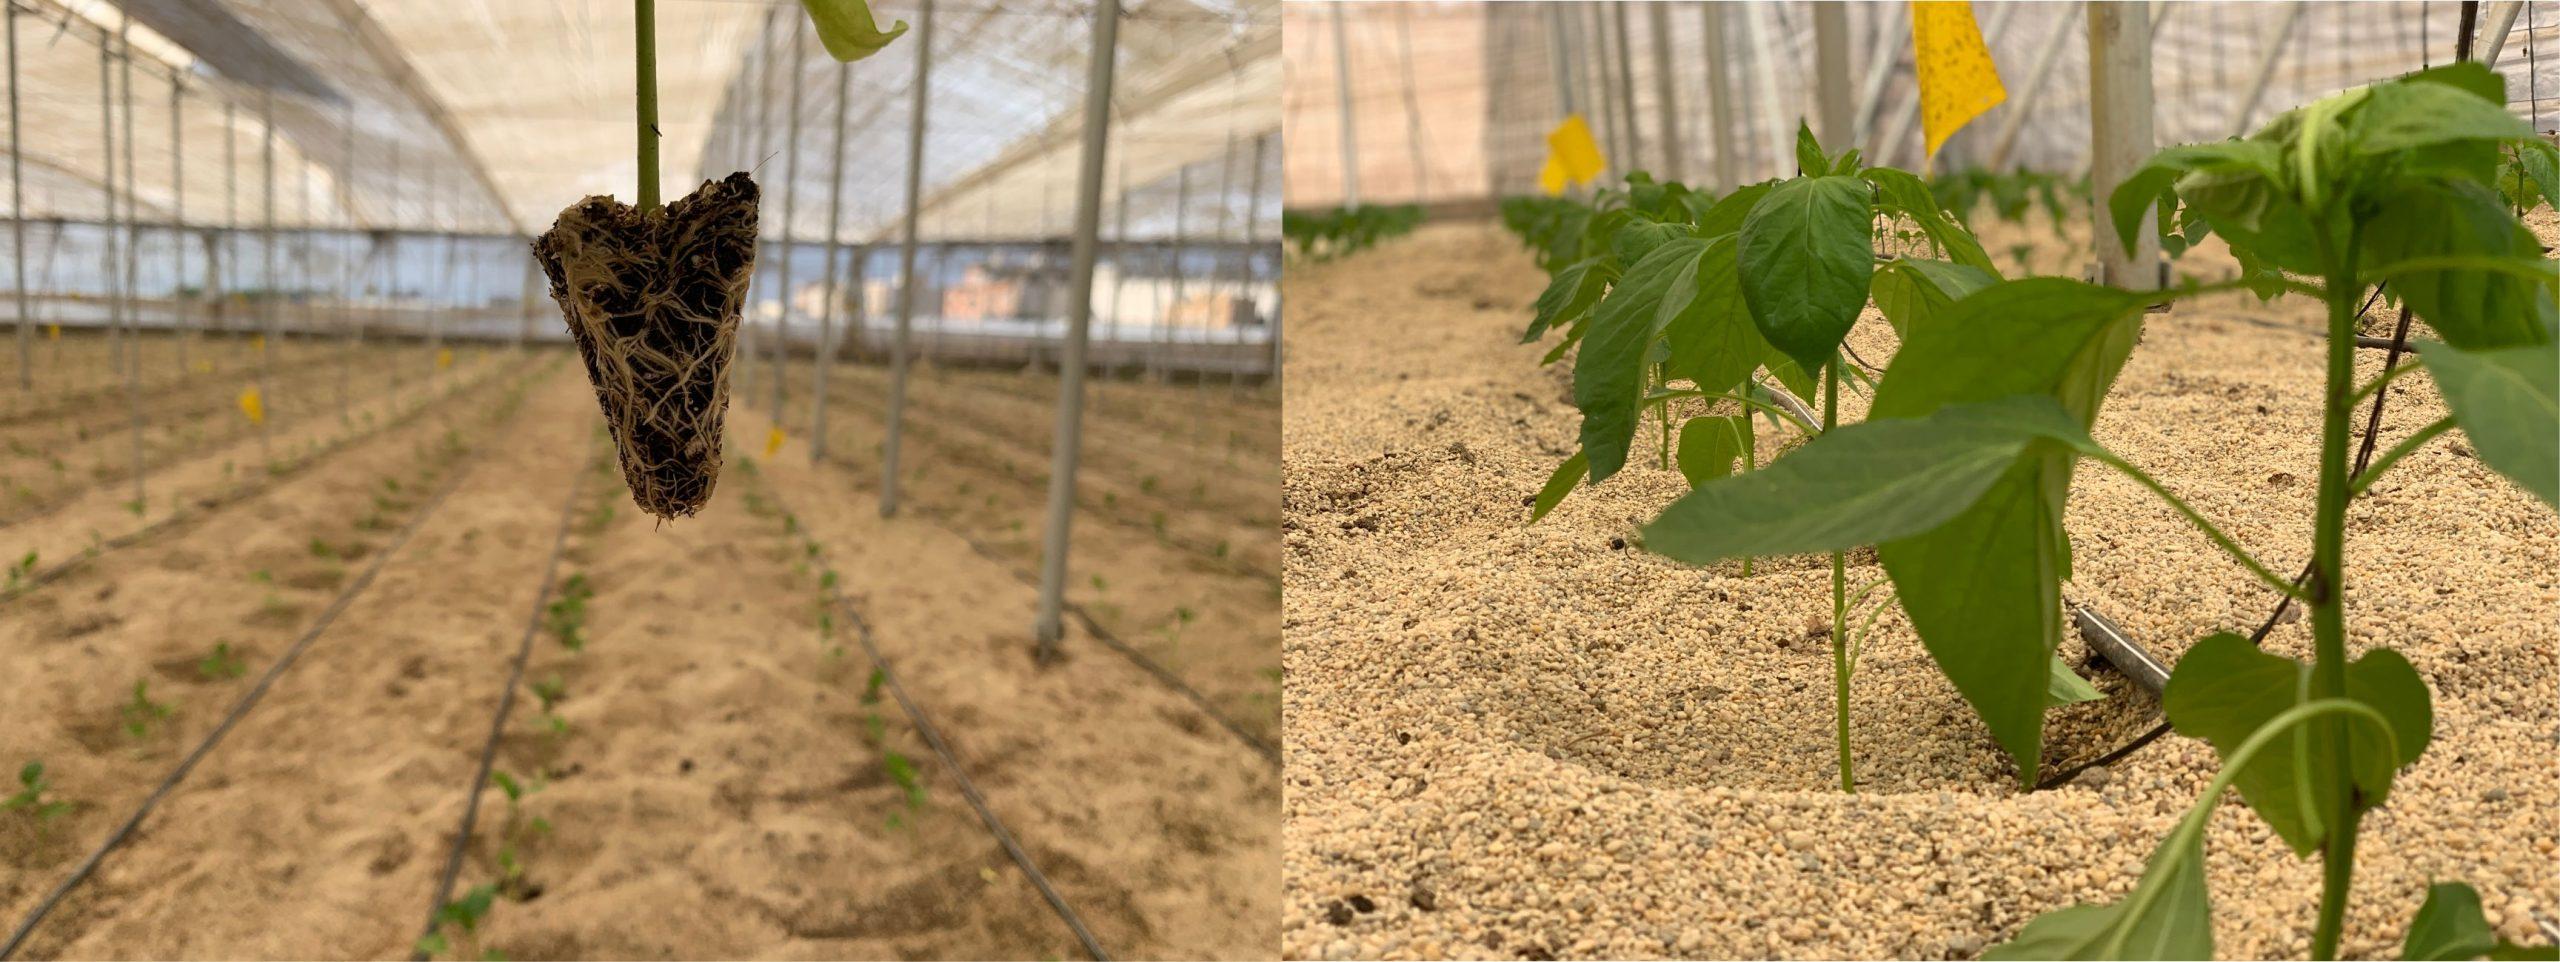 pimiento-plantado-invernadero